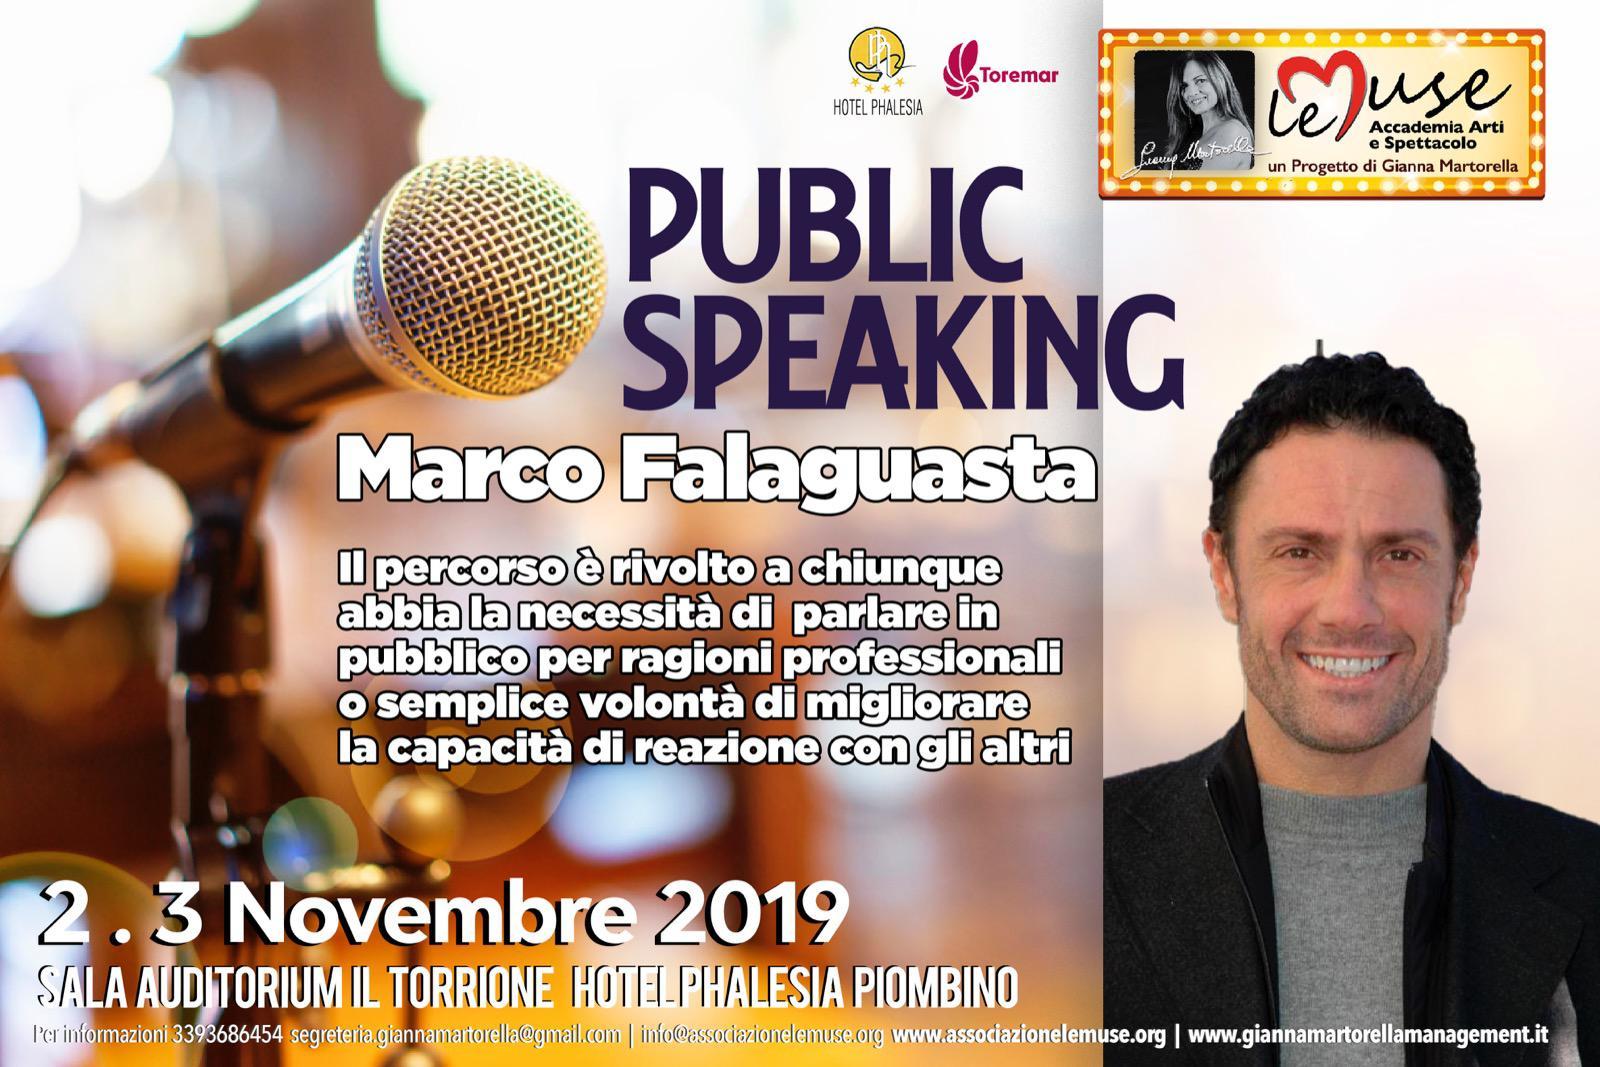 2-3 Novembre 2019 corso di public speaking con Marco Falaguasta